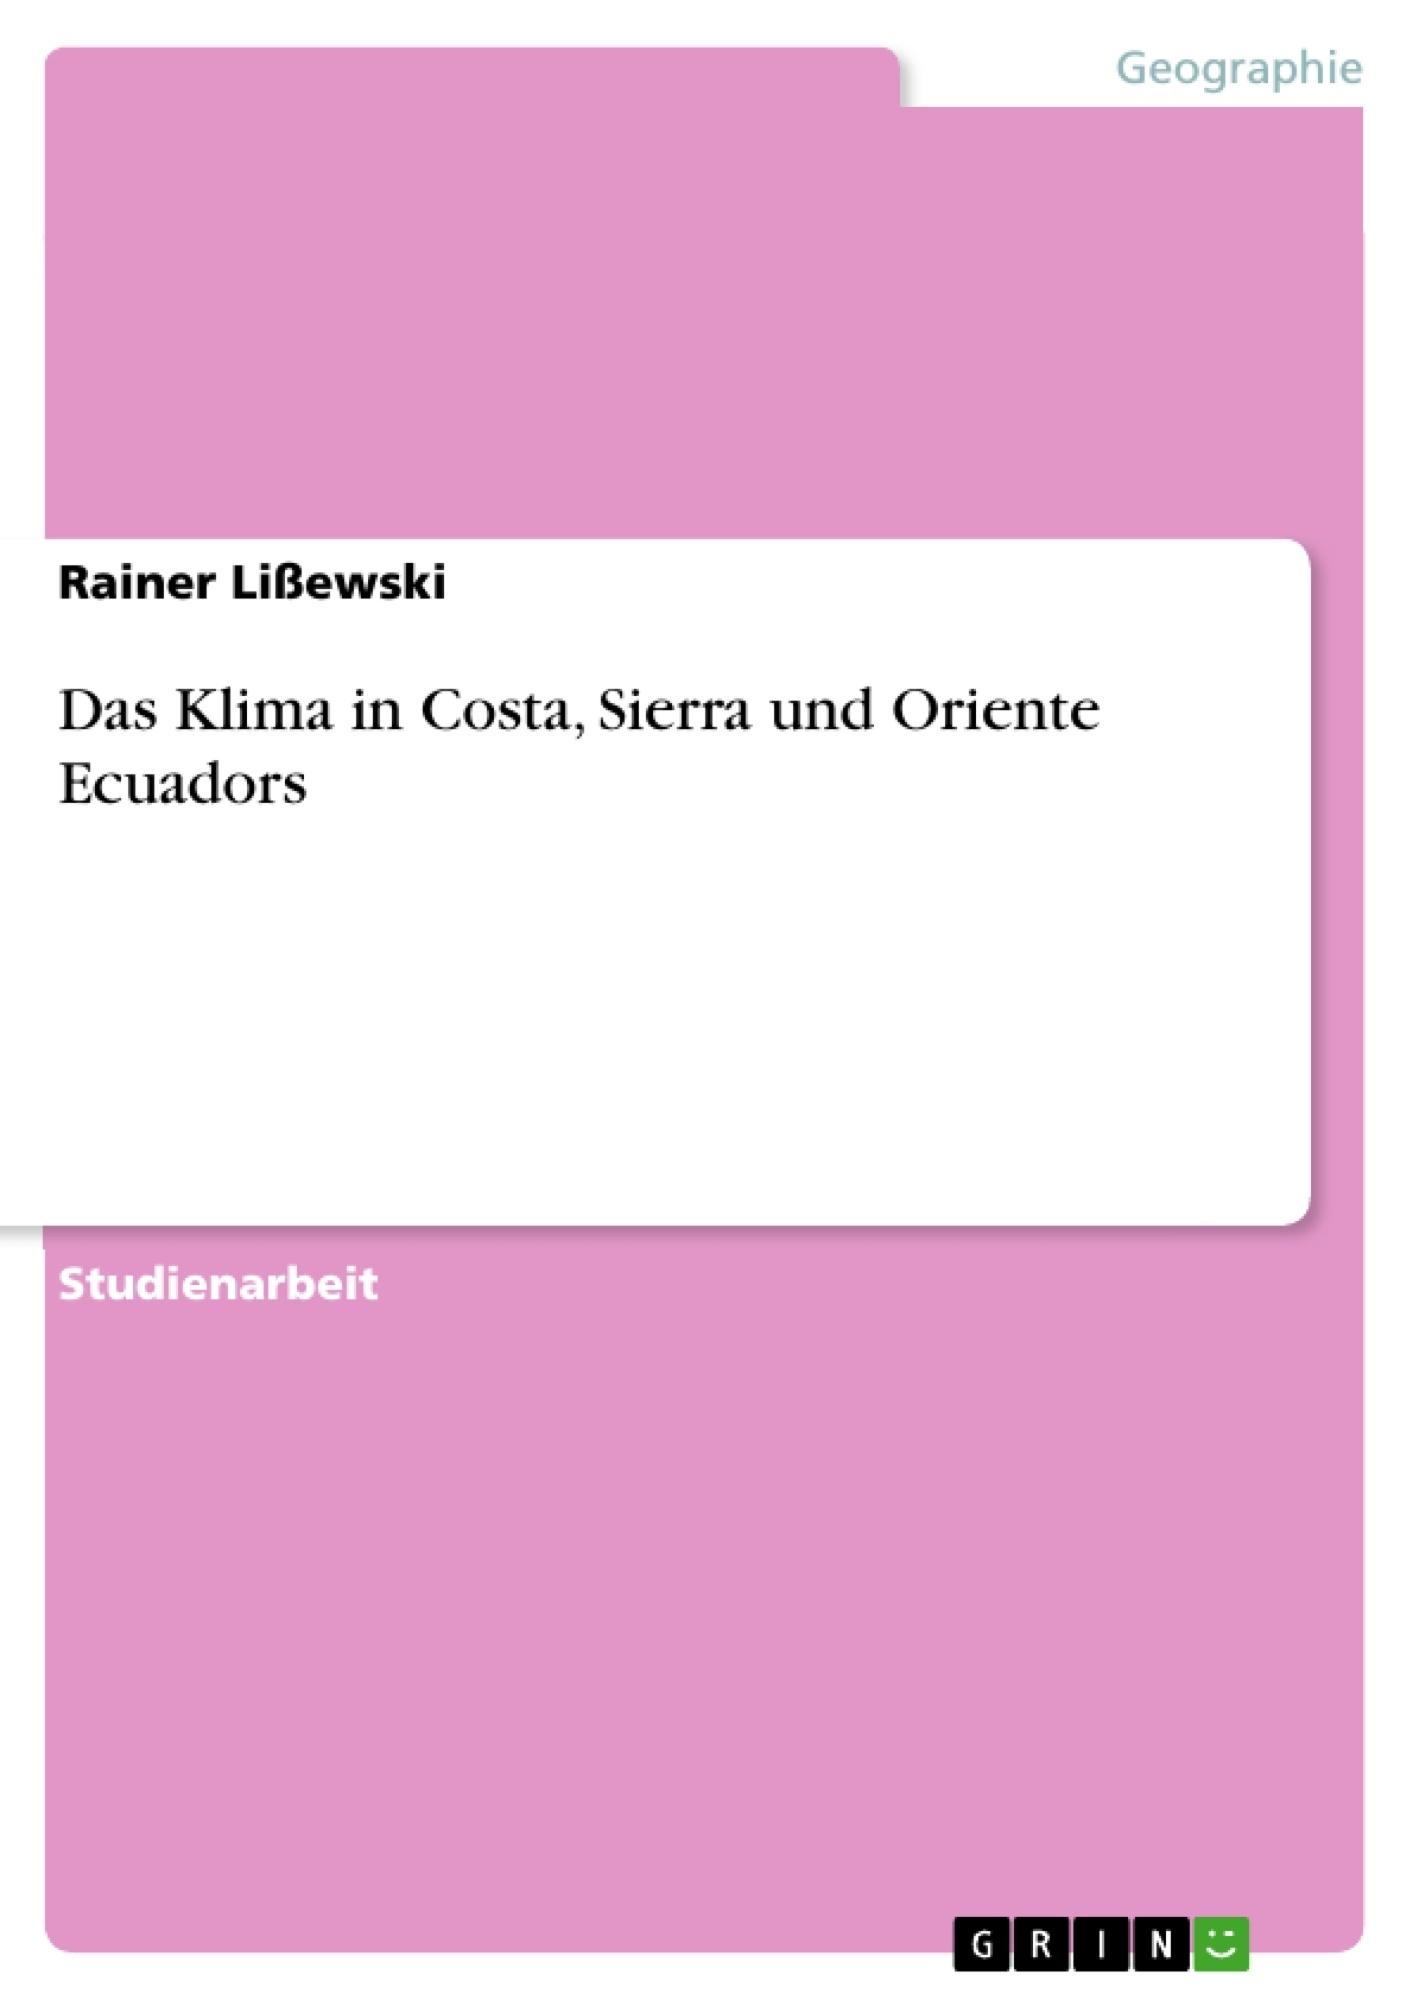 Titel: Das Klima in Costa, Sierra und Oriente Ecuadors